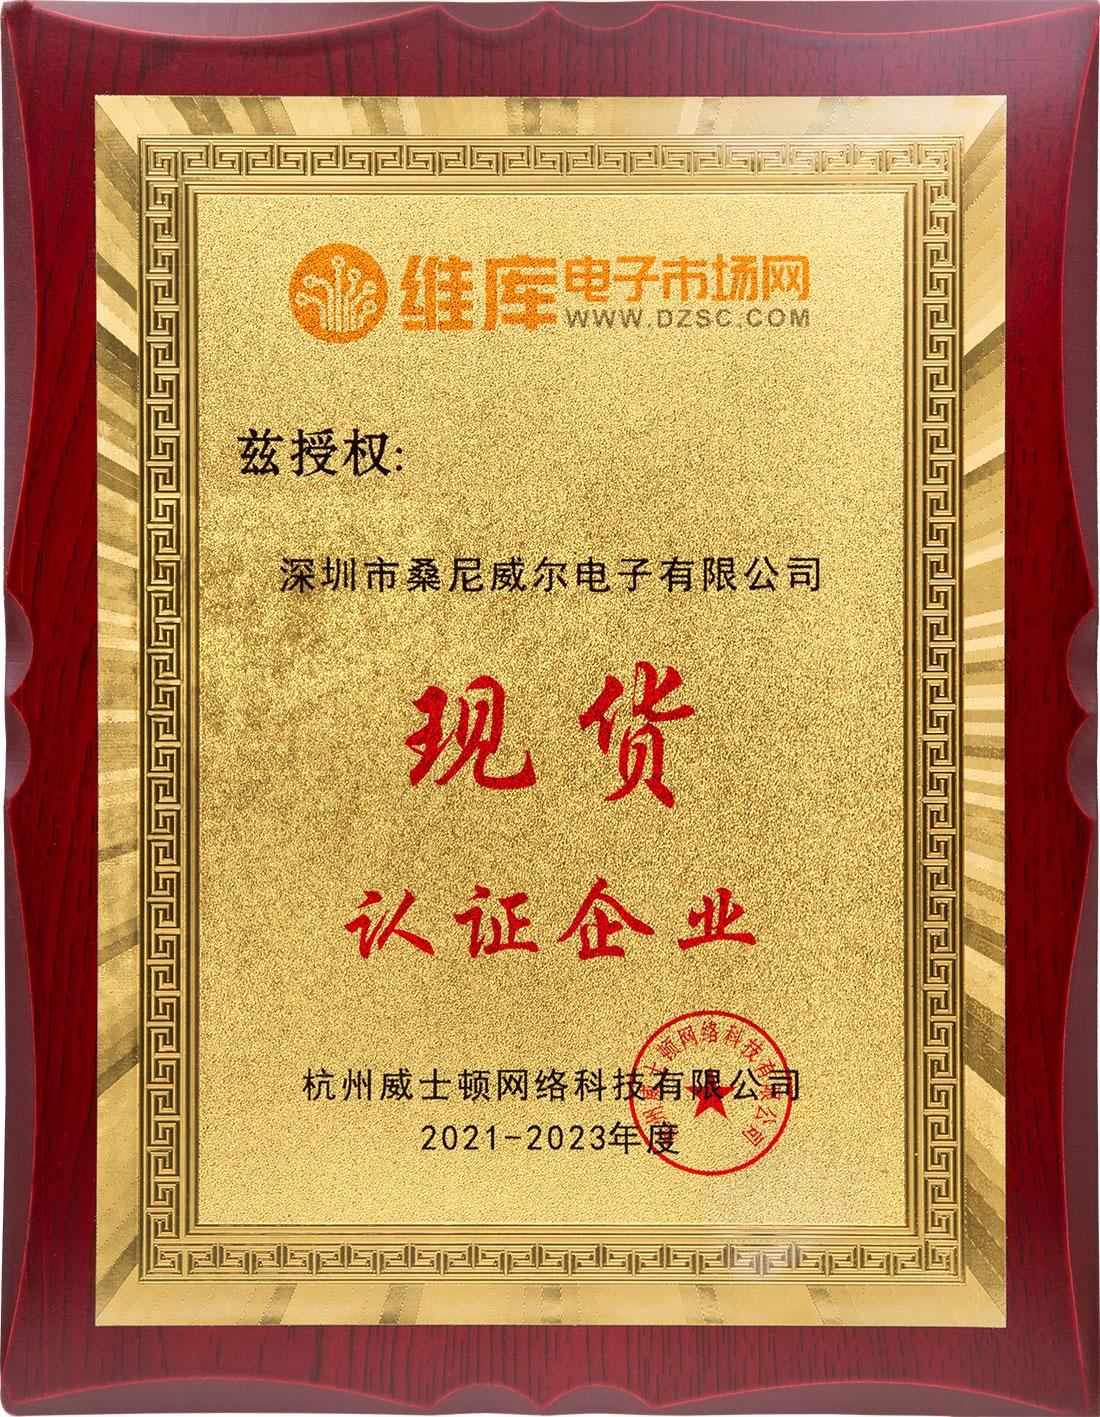 深圳市桑尼威尔电子有限公司维库电子市场现货认证证书